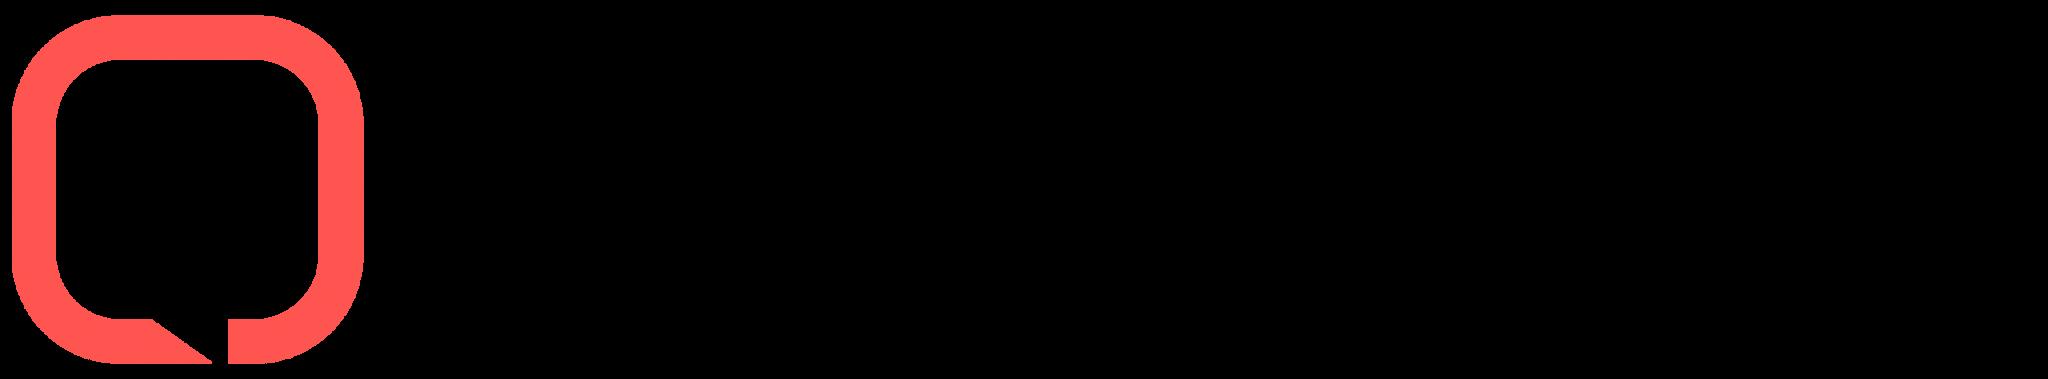 Kustomer features